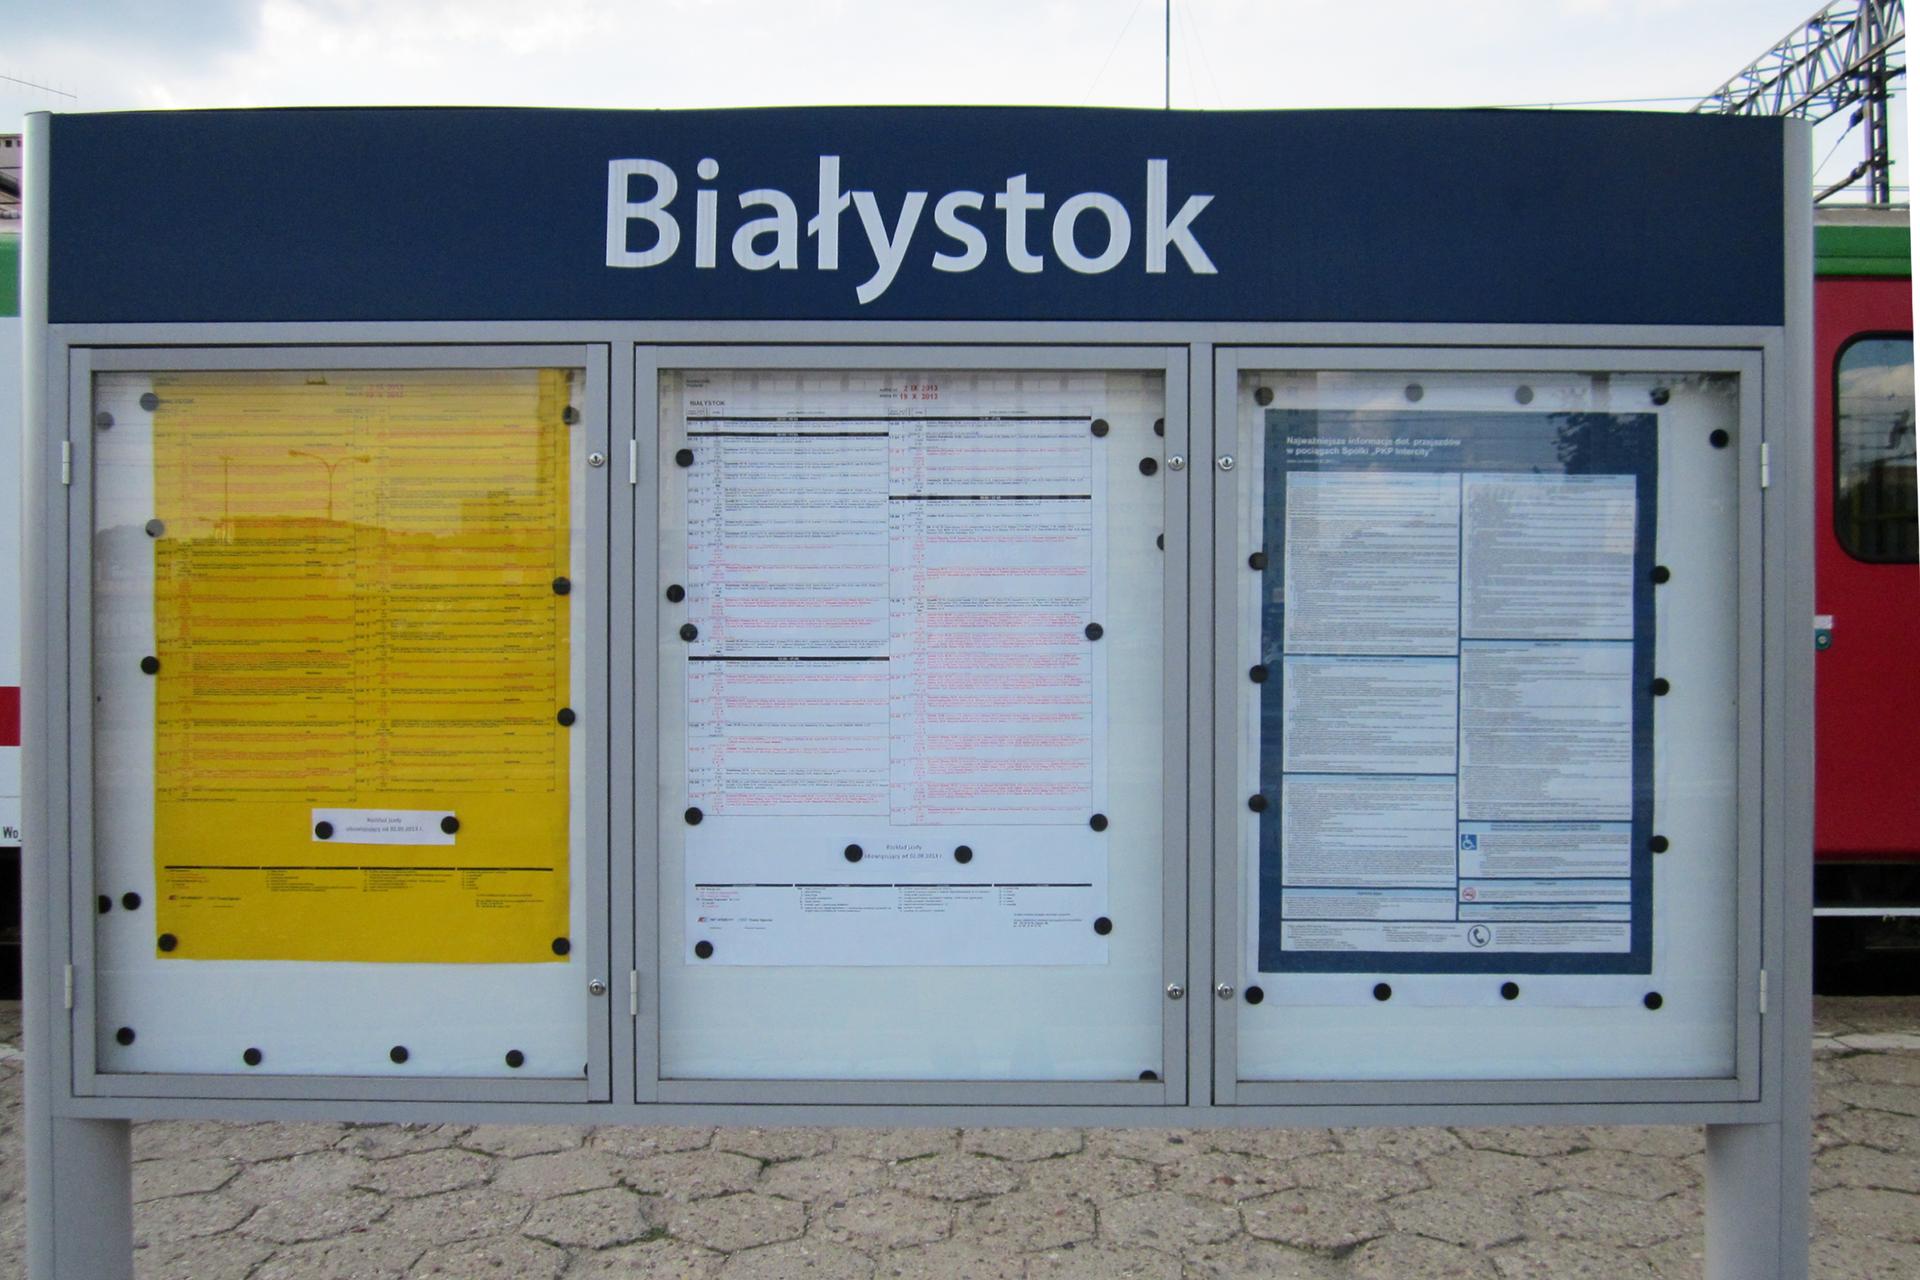 Fotografia przedstawia kolejowe rozkłady jazdy, umieszczone wprzeszklonych gablotach, ustawionych na peronie, na dworcu kolejowym.